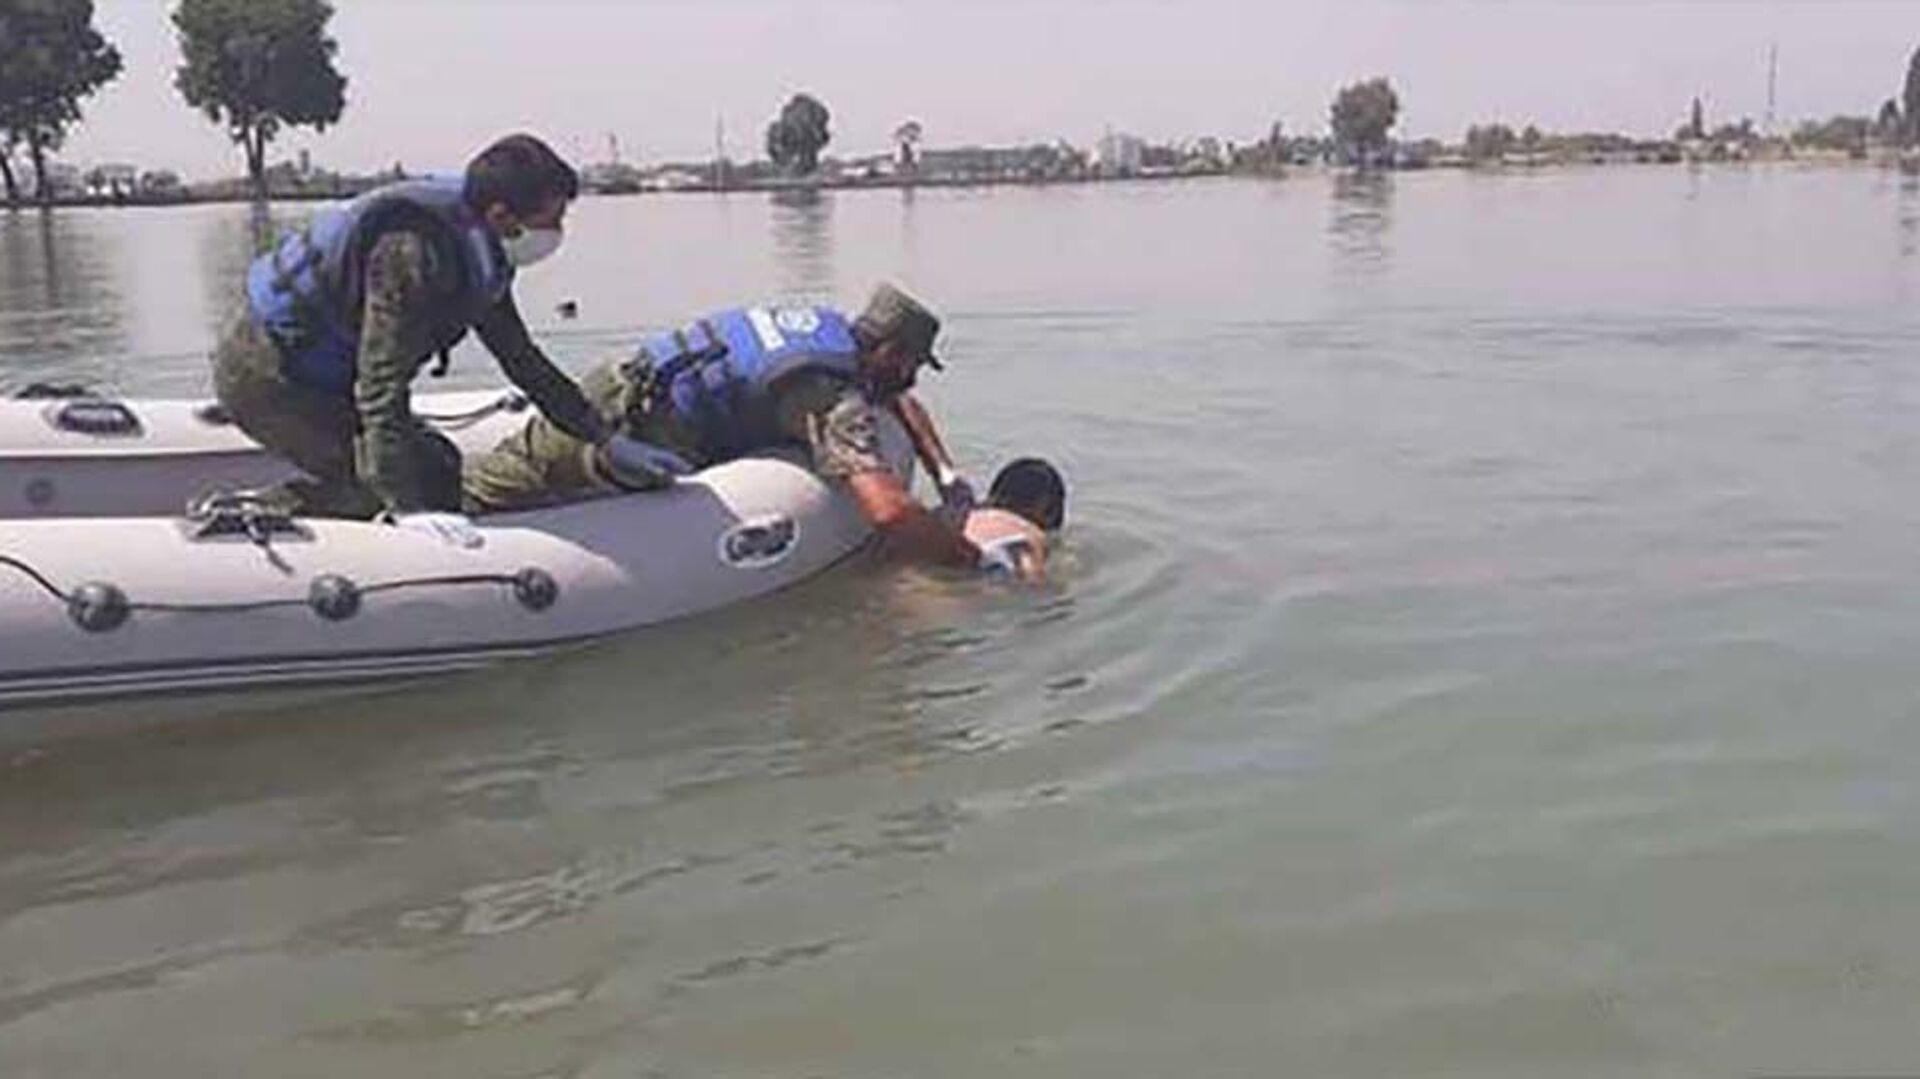 Спасатели КЧС Таджикистана достают тело утонувшего человека из молодежного озера - Sputnik Тоҷикистон, 1920, 14.04.2021